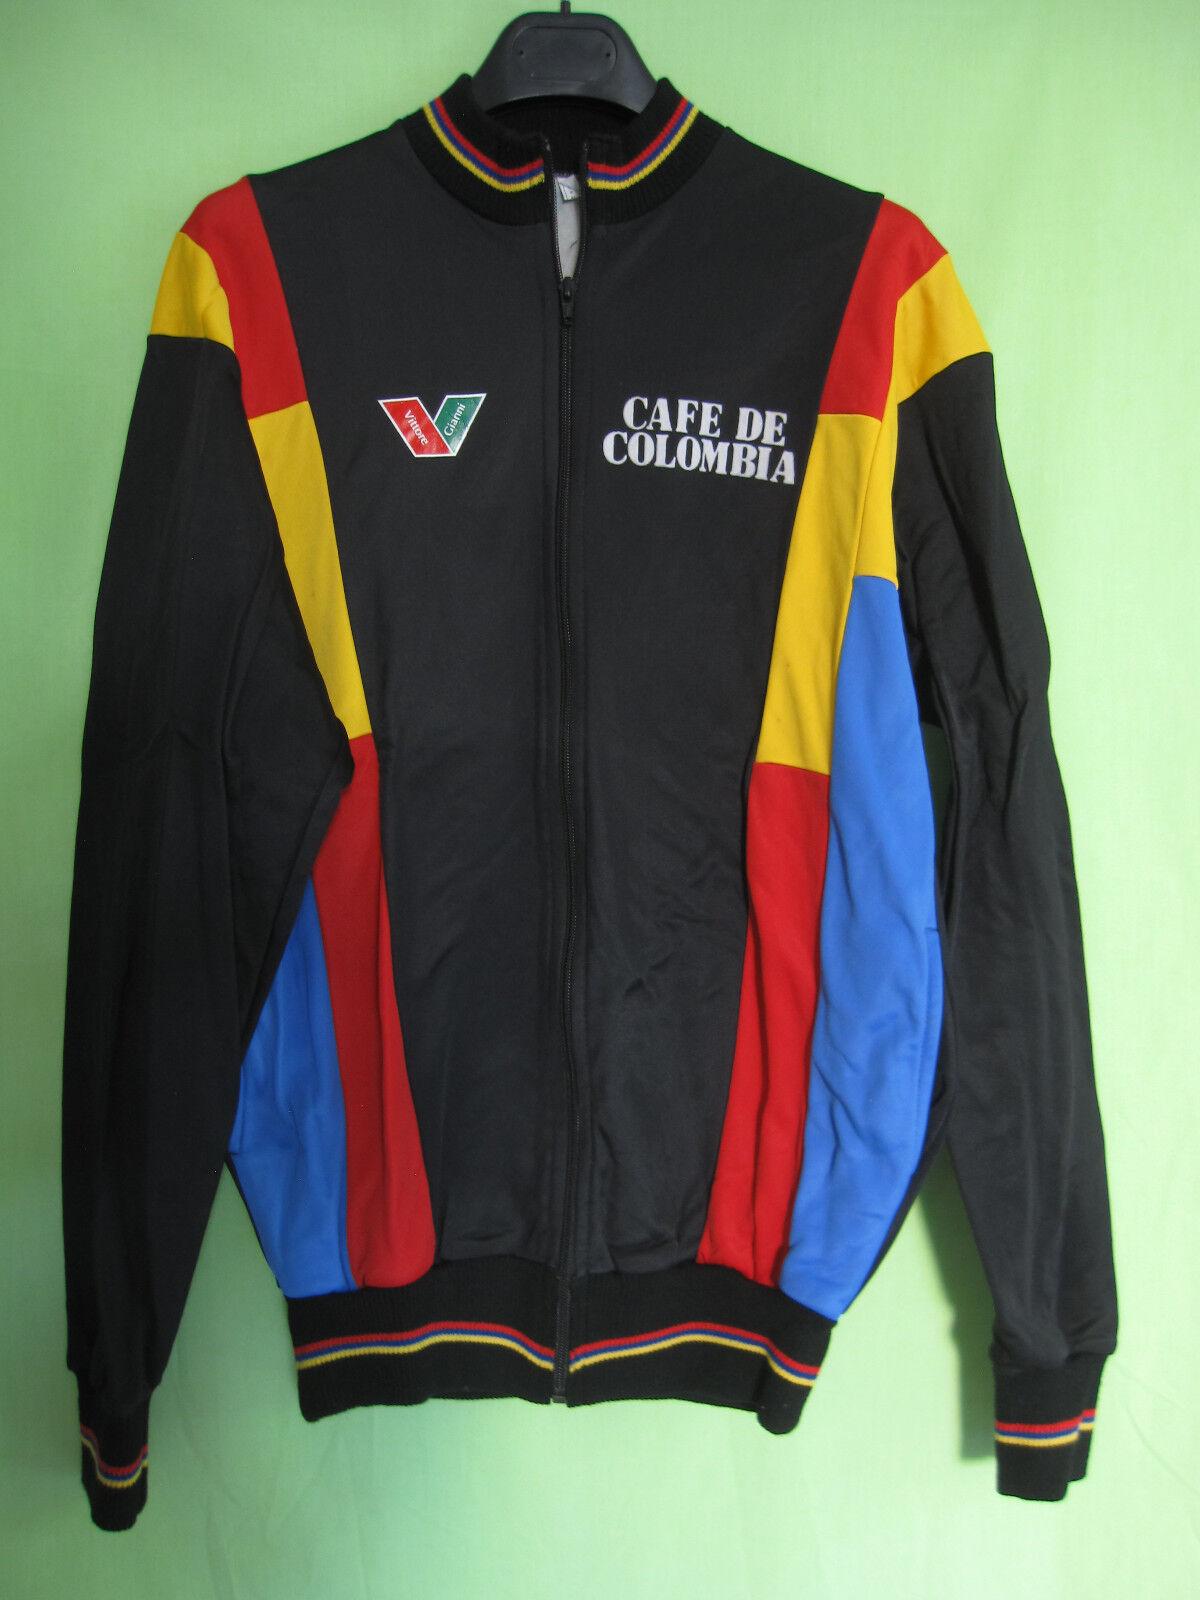 Veste cycliste Hiver  Cafe Colombia Team jacket Vittore Gianni Vintage - 4   L  tienda en linea